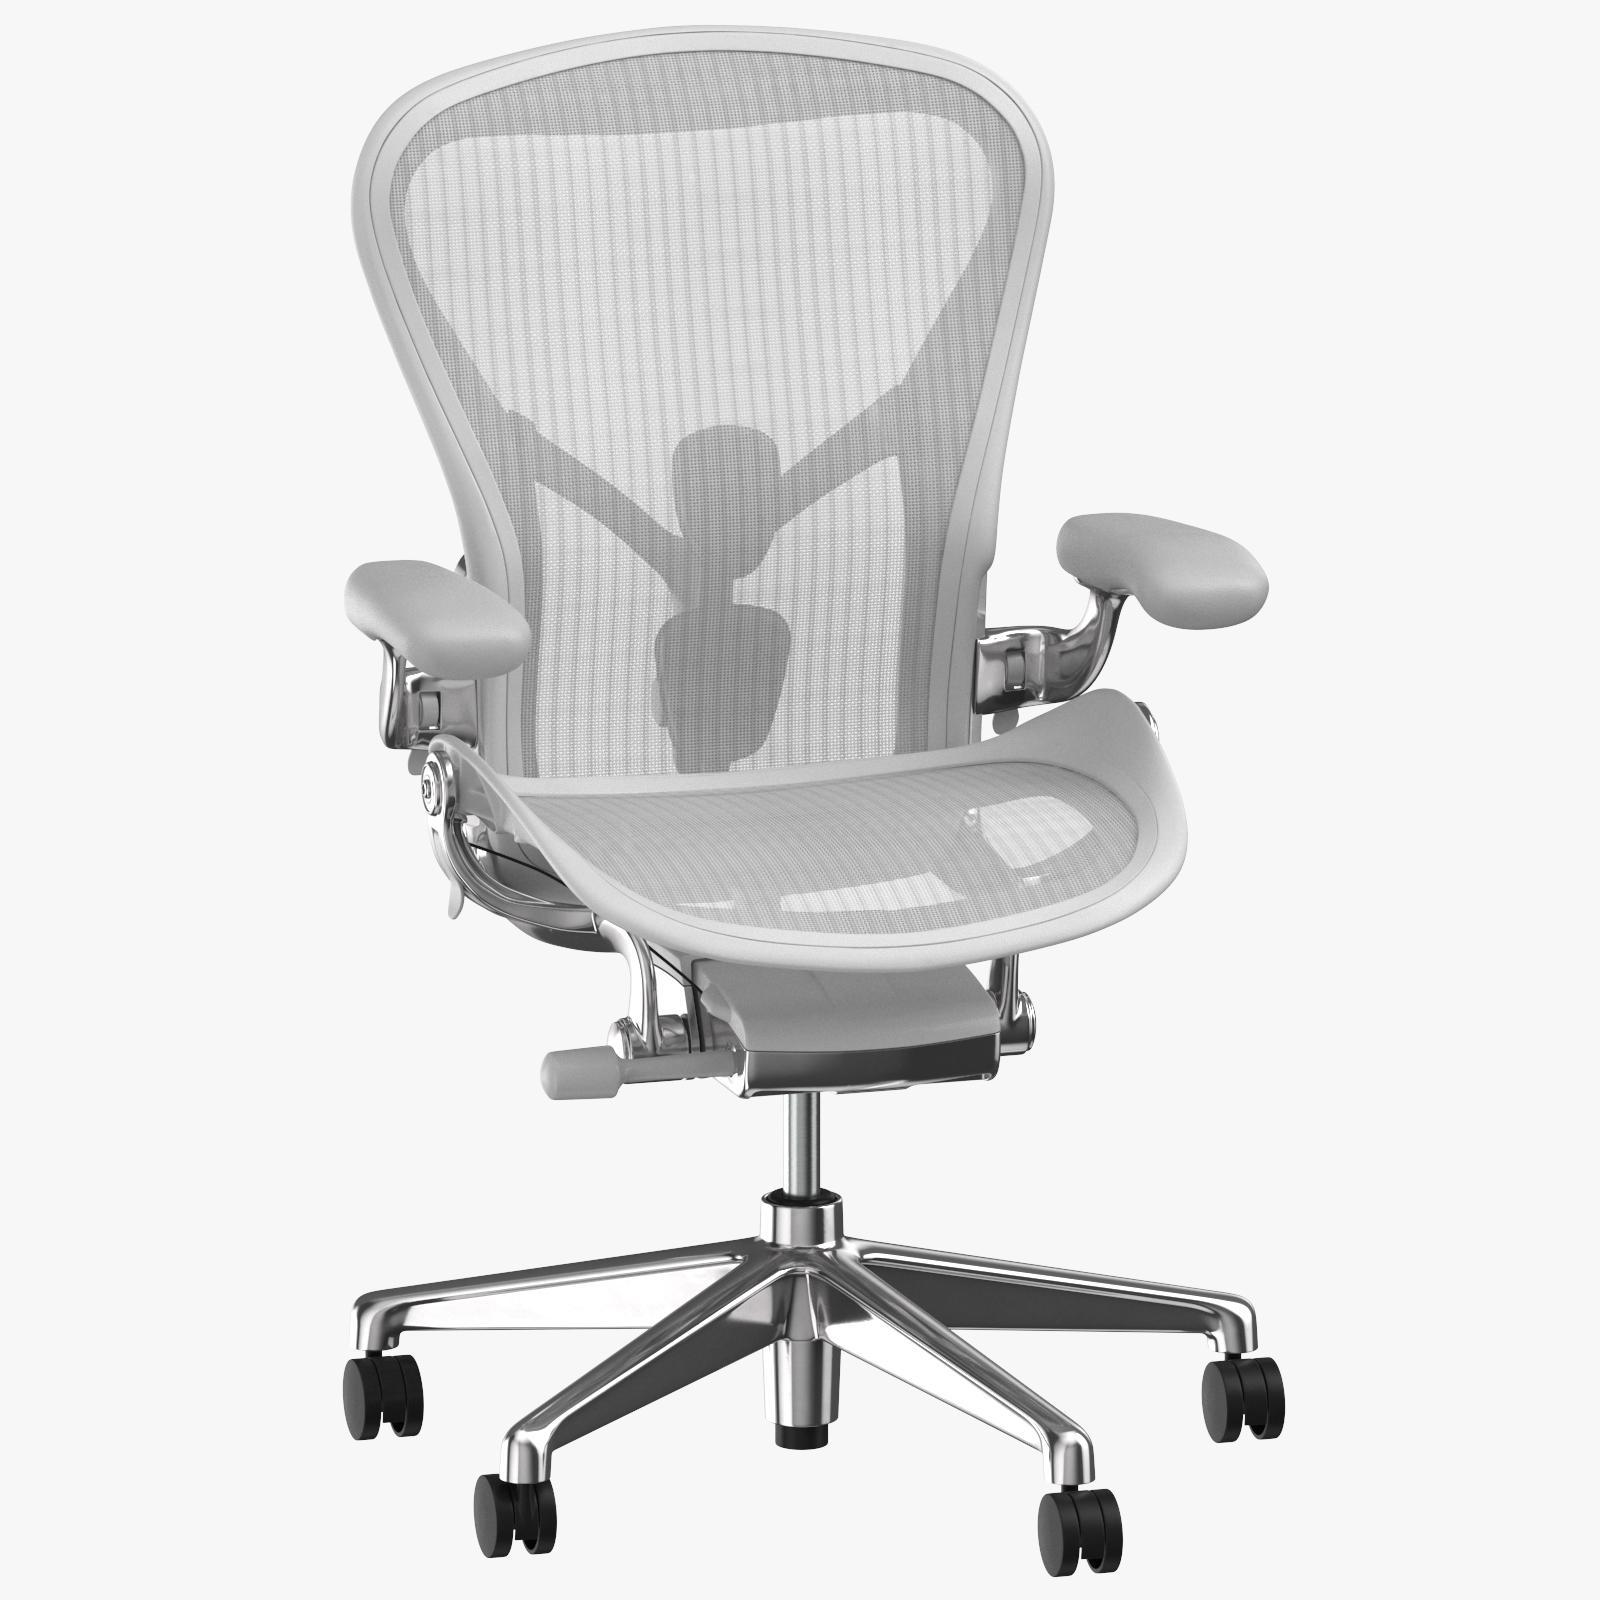 Herman Miller Aeron Chair - 48